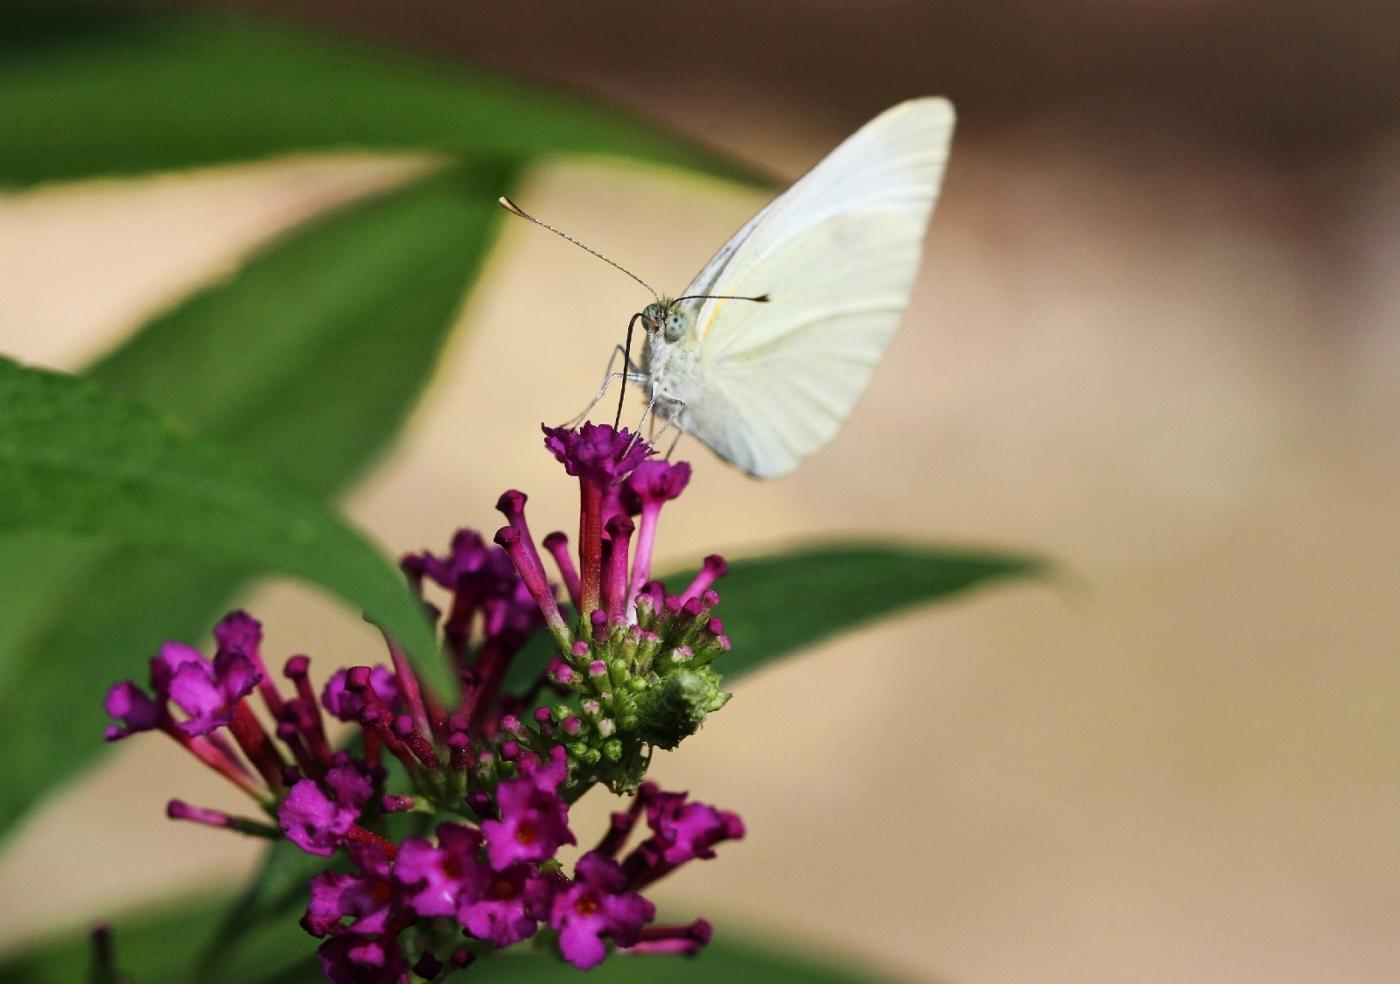 【田螺随拍】我今年种的蜂鸟喜欢吃的花都开了_图1-13